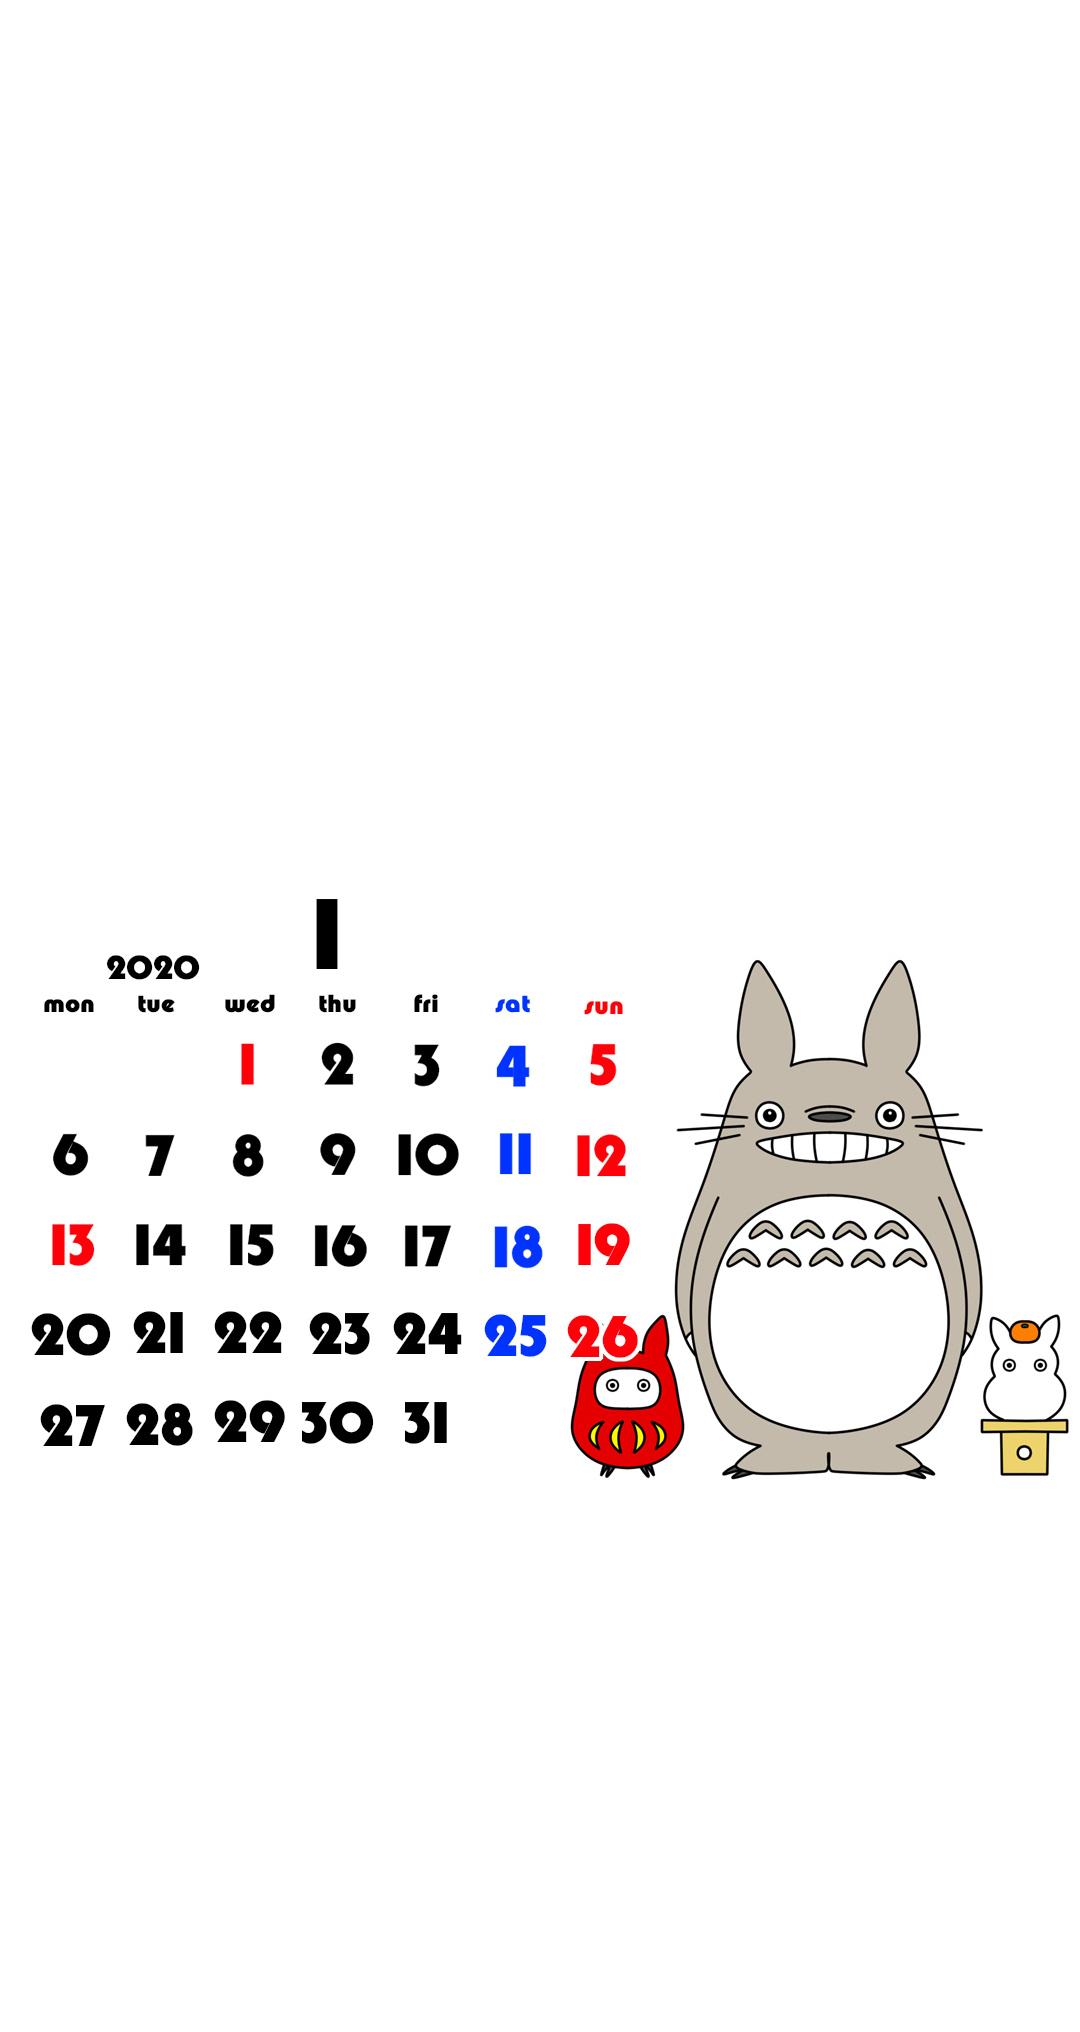 待ち受けカレンダー スマホ壁紙 となりのトトロ Android用 月曜始まり